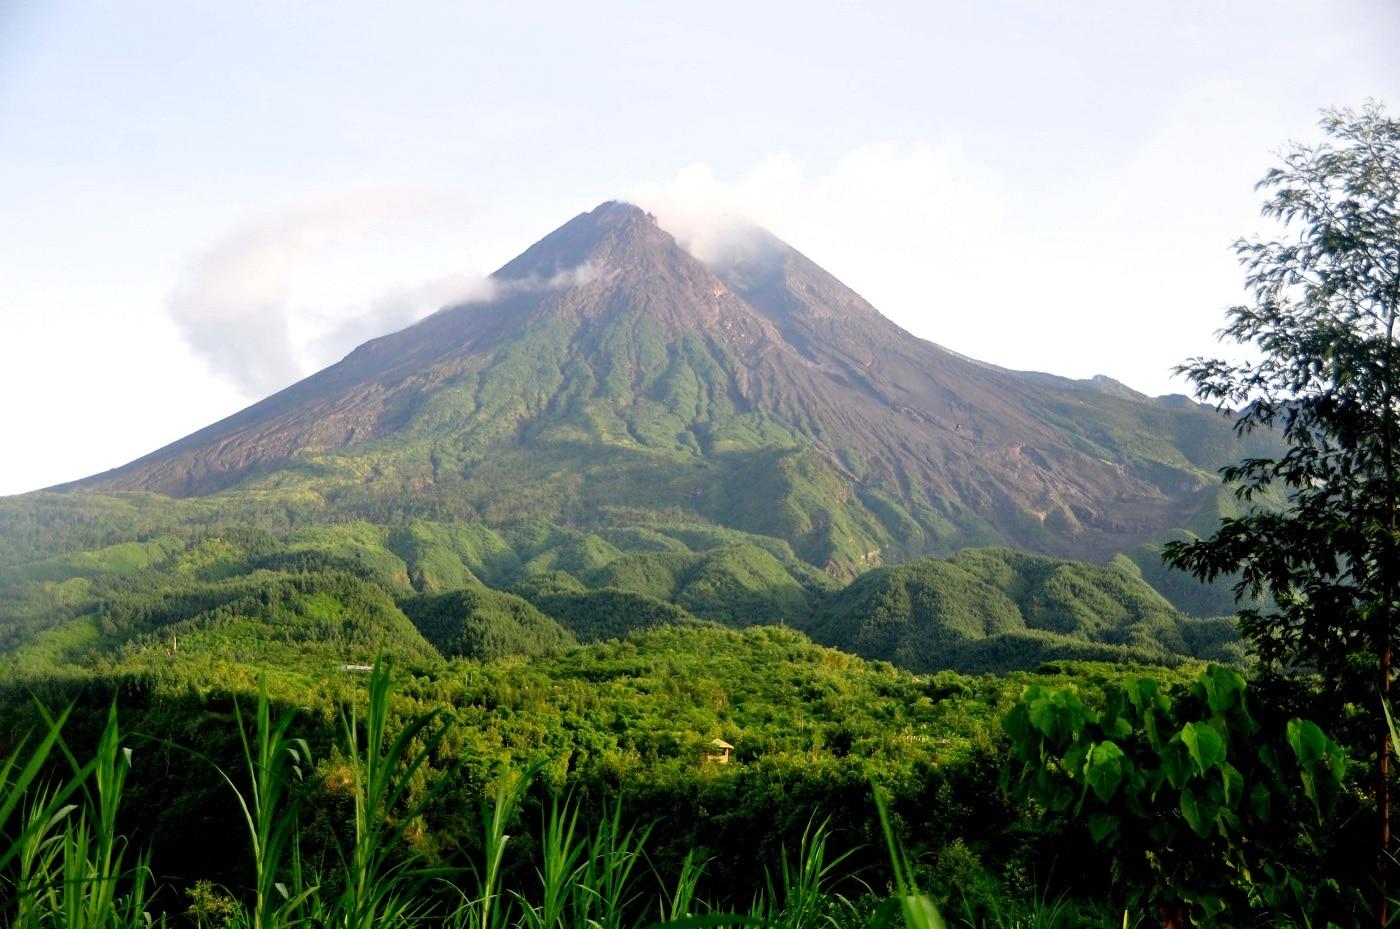 Muntele Merapi, o destinație populară pentru practicarea alpinismului